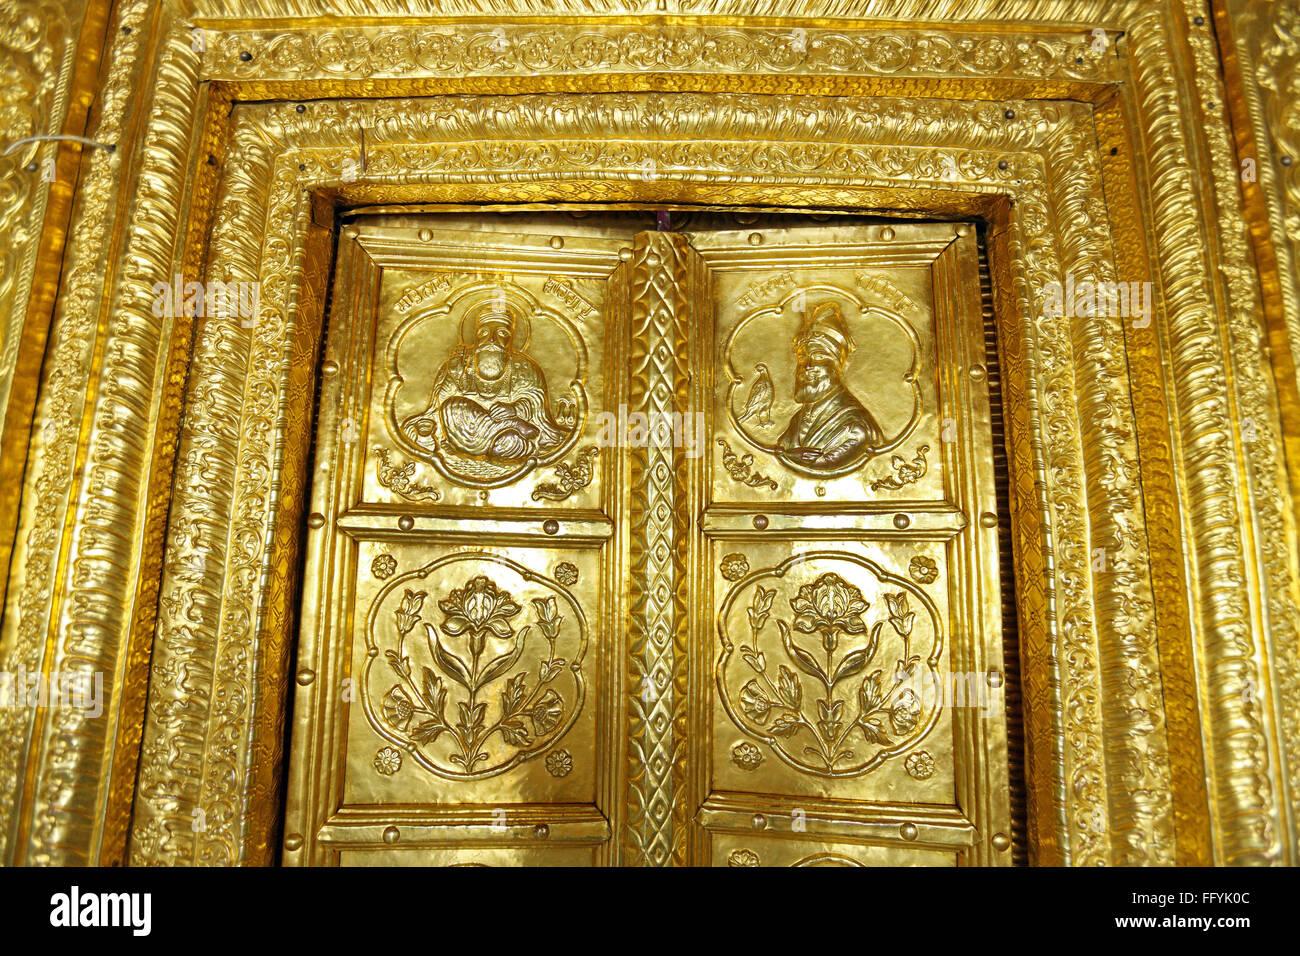 Gold Plated Door Gurudwara Hazur Sahib SachKhand Nanded Maharashtra India